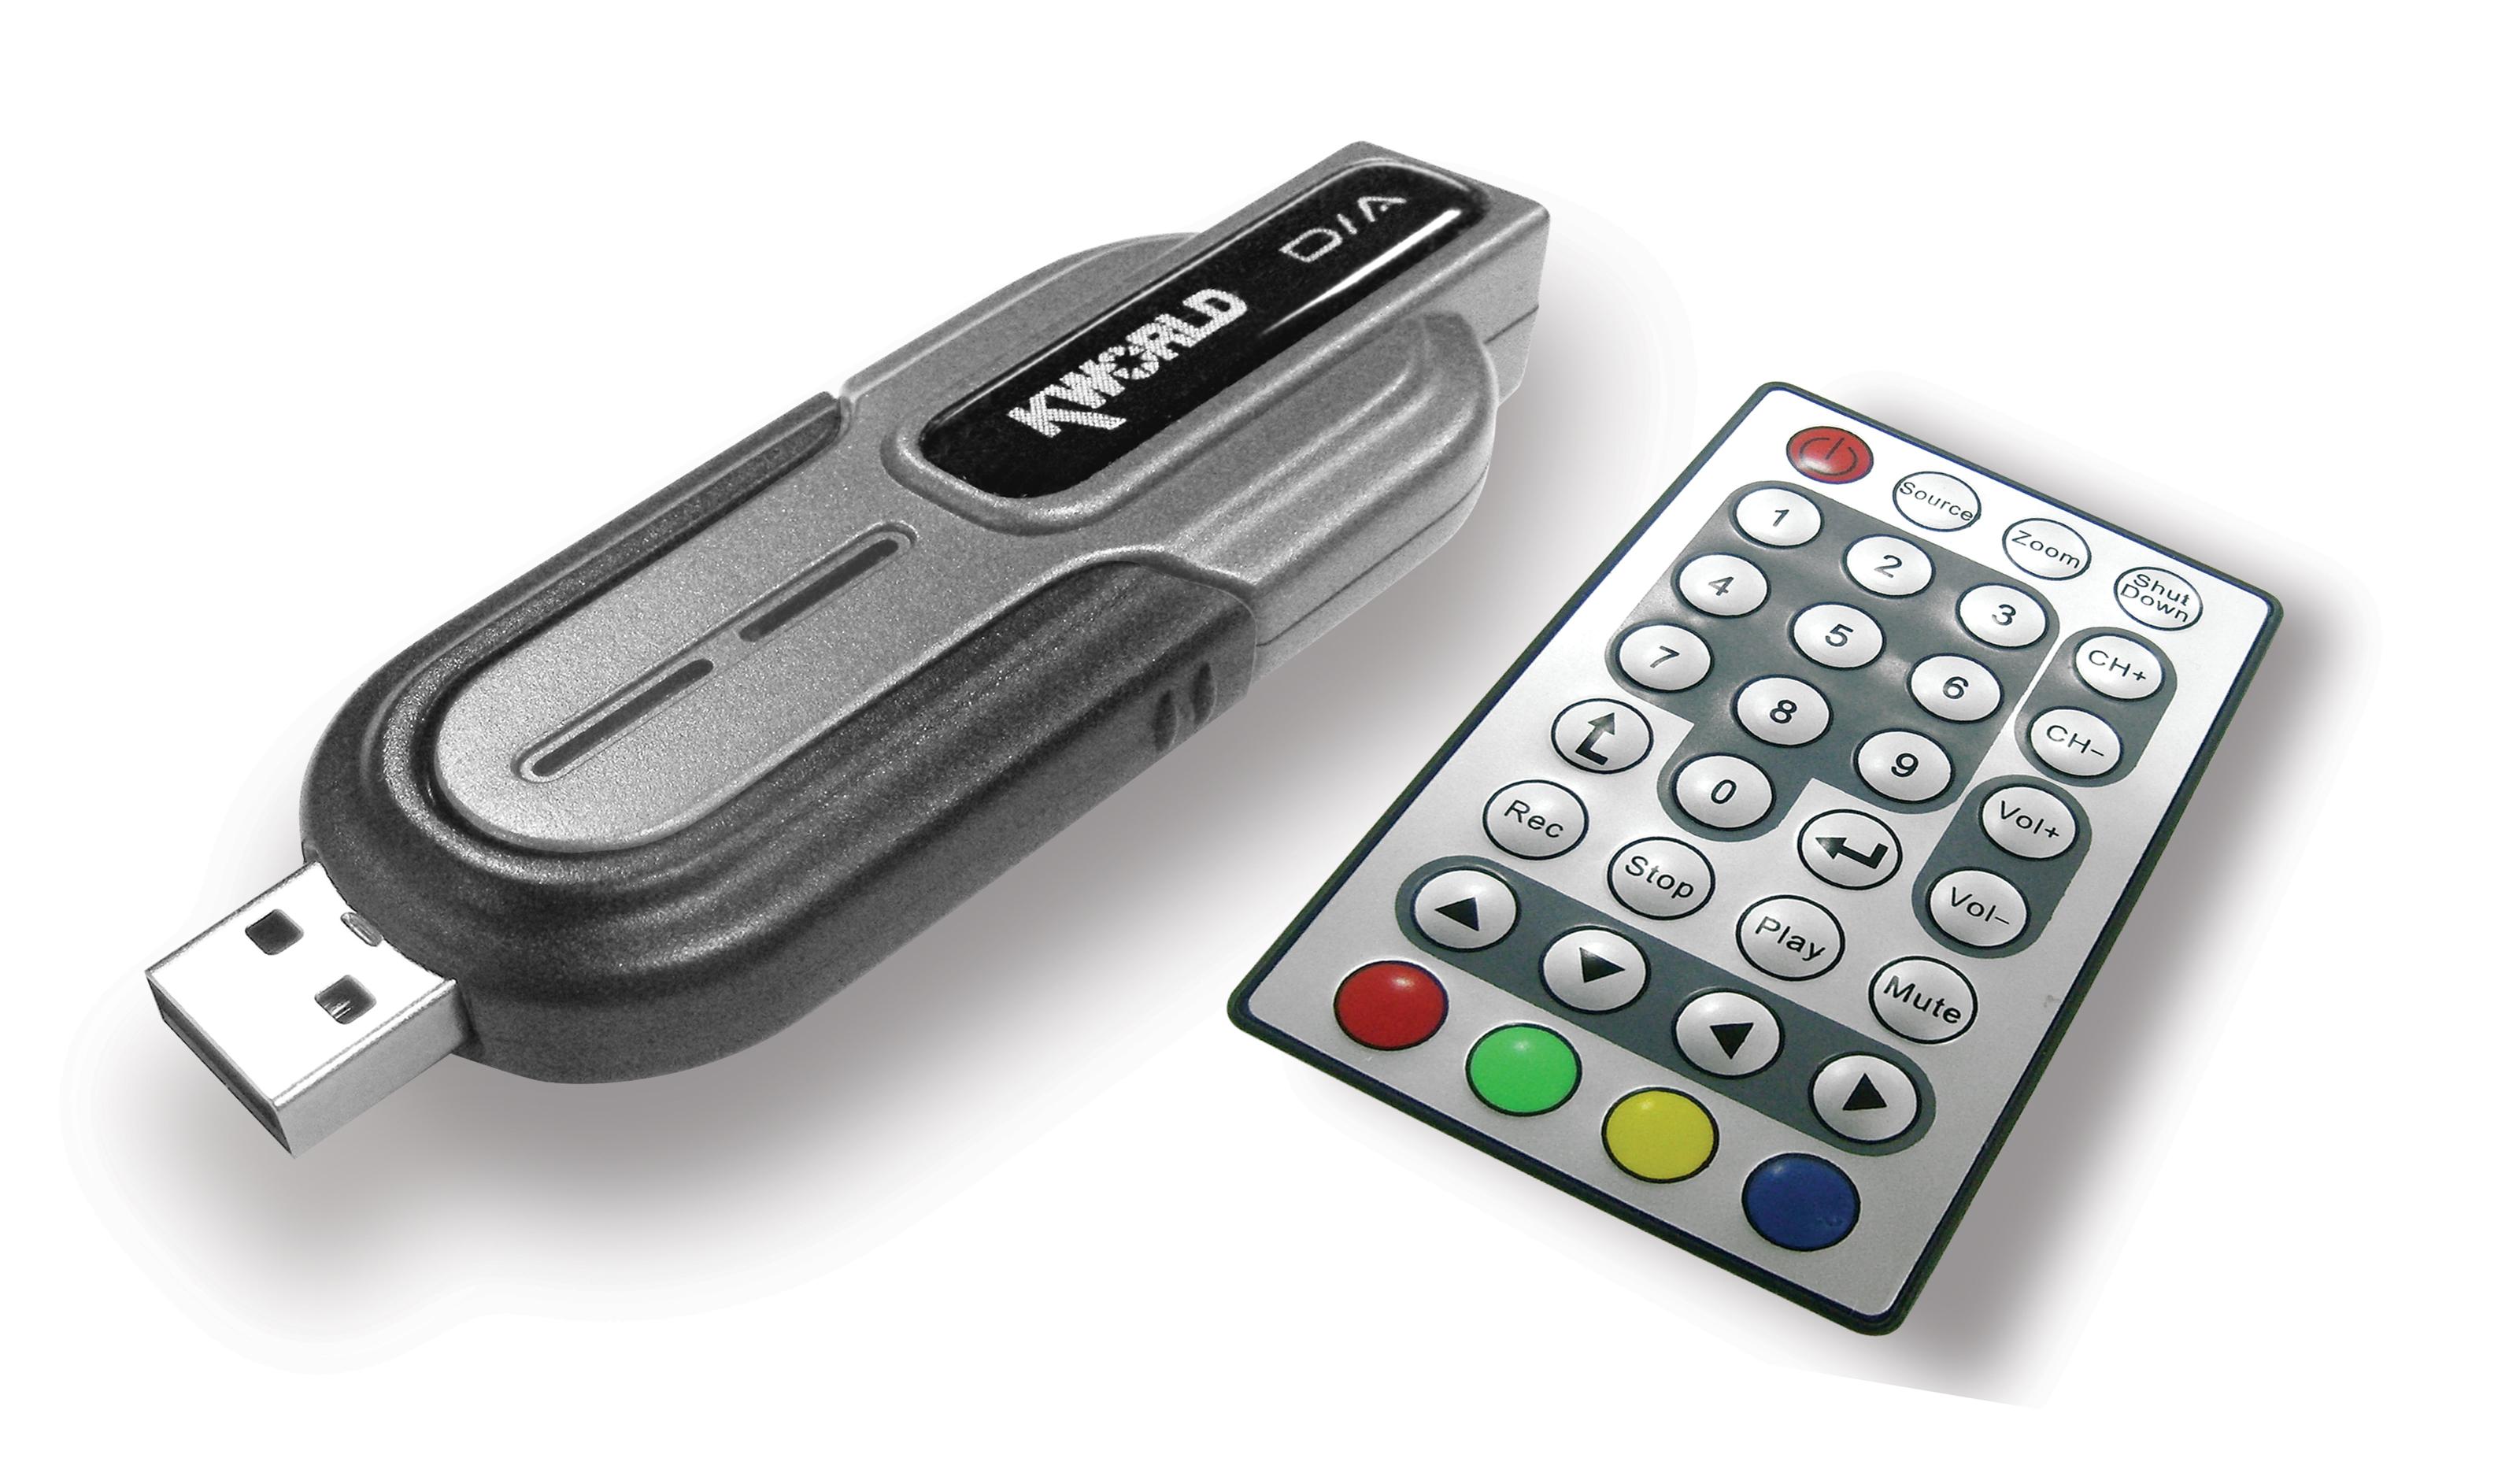 Download Trust Mini DVB-T USB Stick Driver …